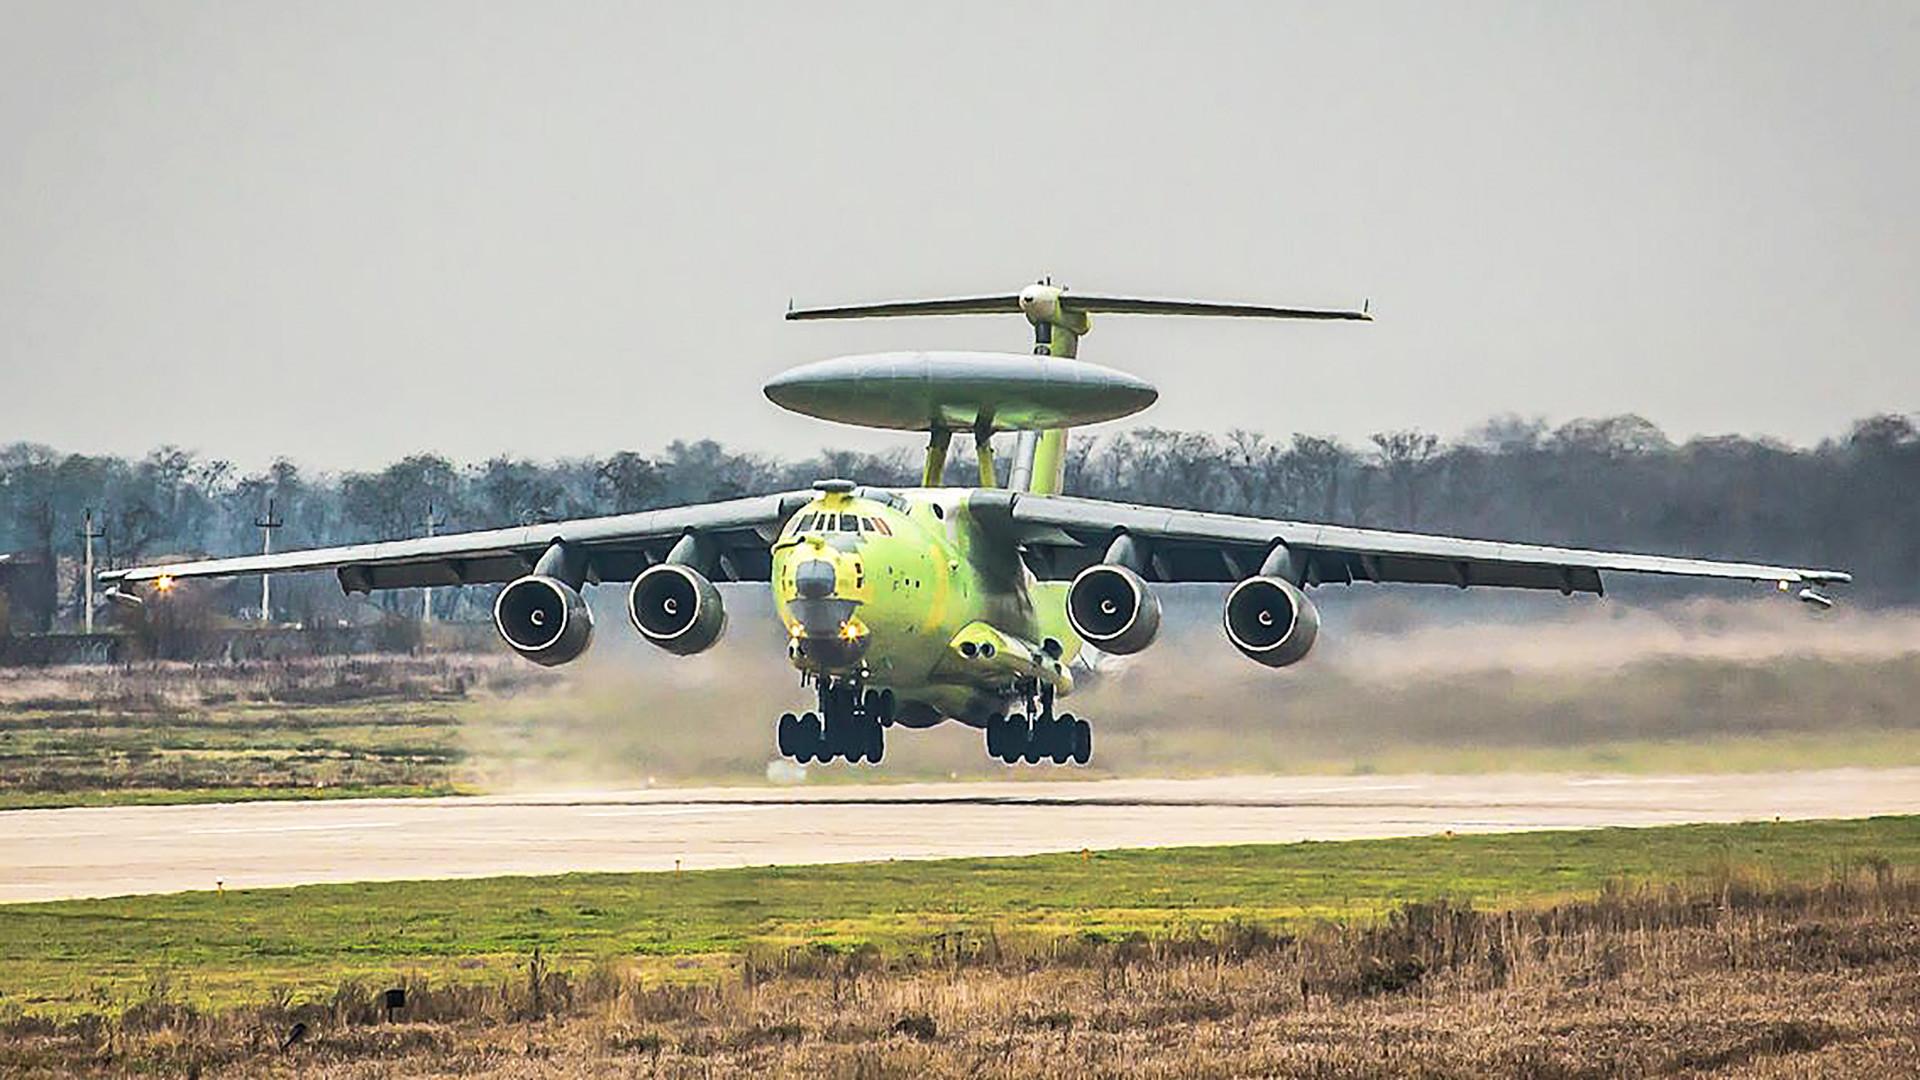 Kompleks aviasi terbaru A-100 melakukan penerbangan pertamanya di Kompleks Penerbangan R&D Beriyev di Taganrog. Seluruh sistem pesawat berada dalam mode operasi normal dan siap untuk menjalankan tes lebih lanjut.